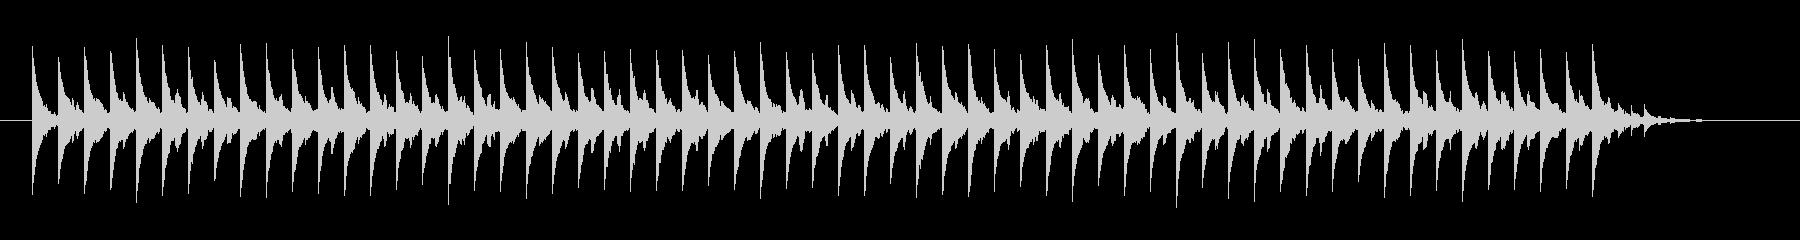 安らぐ鉄琴のジングル【リラックス・眠気】の未再生の波形